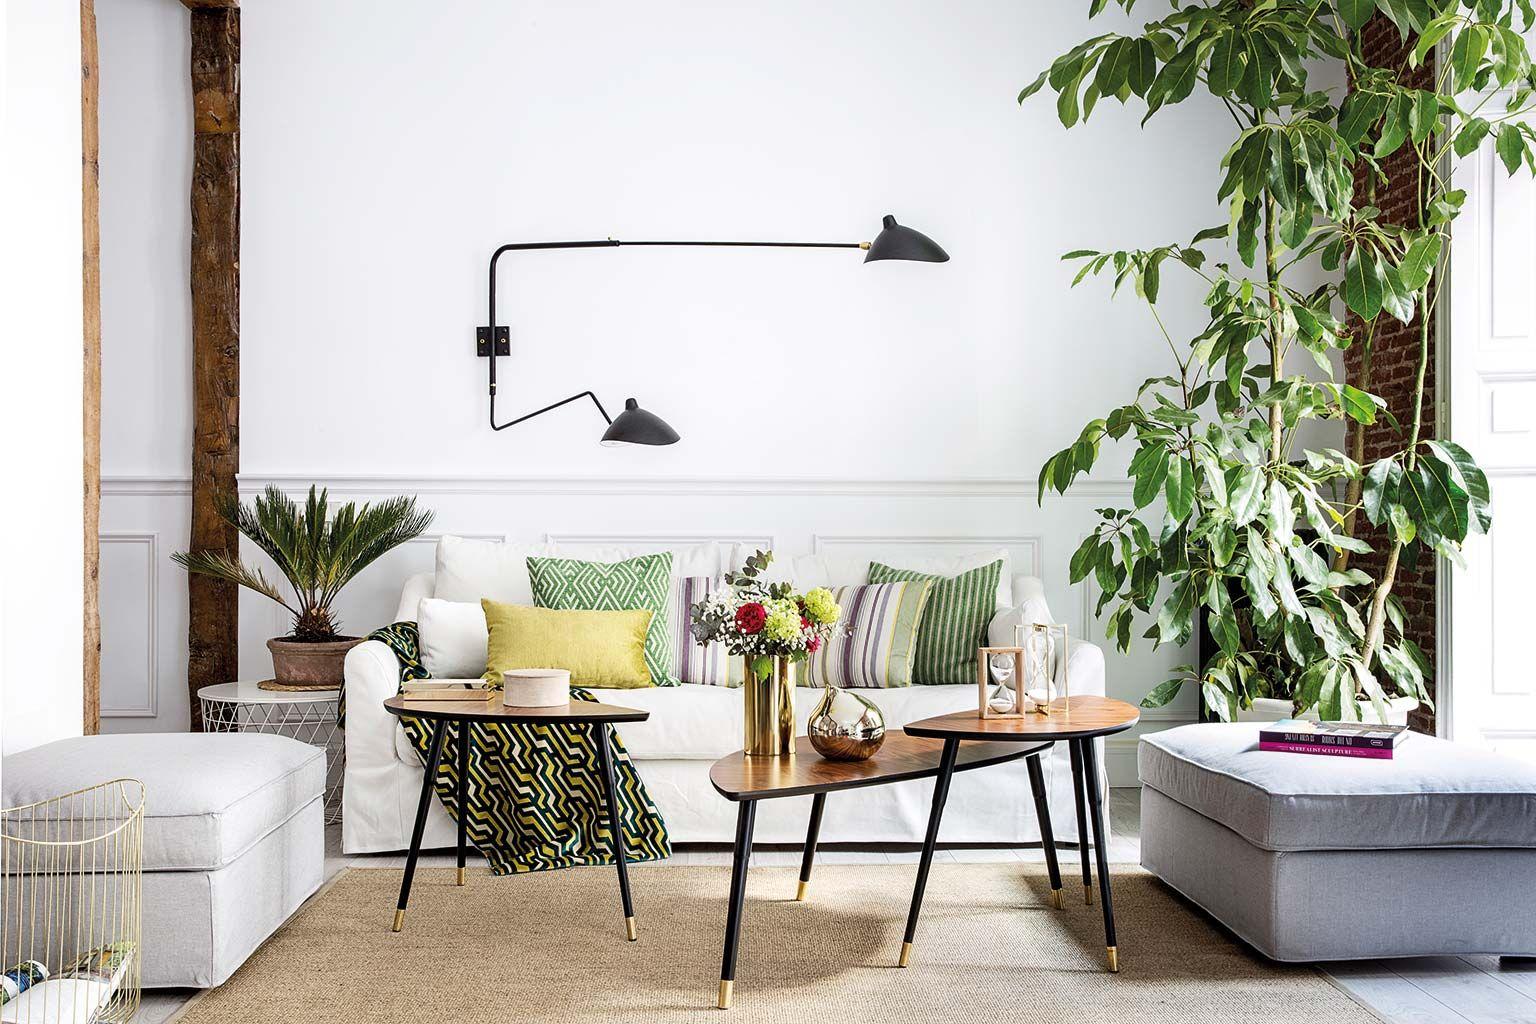 Un piso decorado con estilo nórdico